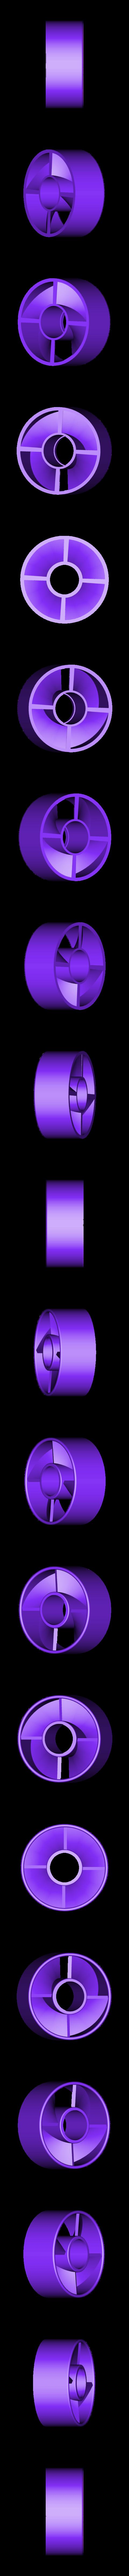 propeller_v1_0.stl Télécharger fichier STL gratuit JALC Moteur de bateau • Modèle pour imprimante 3D, Tanleste46